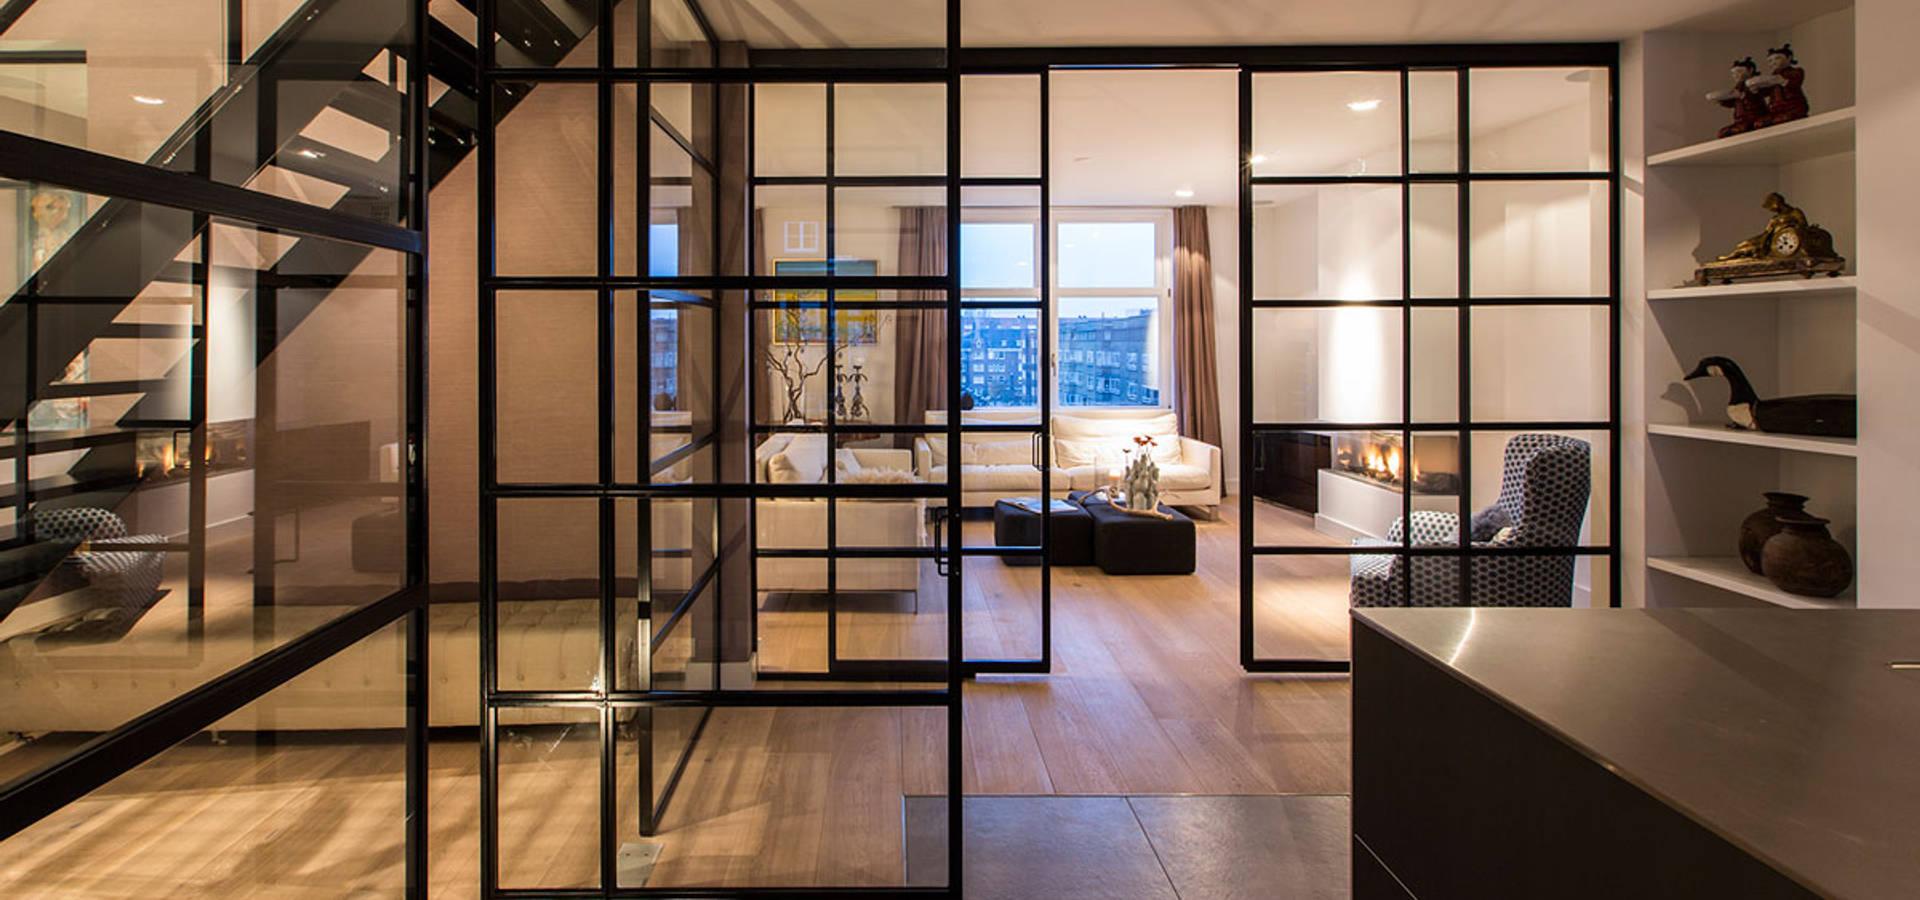 DENOLDERVLEUGELS Architects & Associates